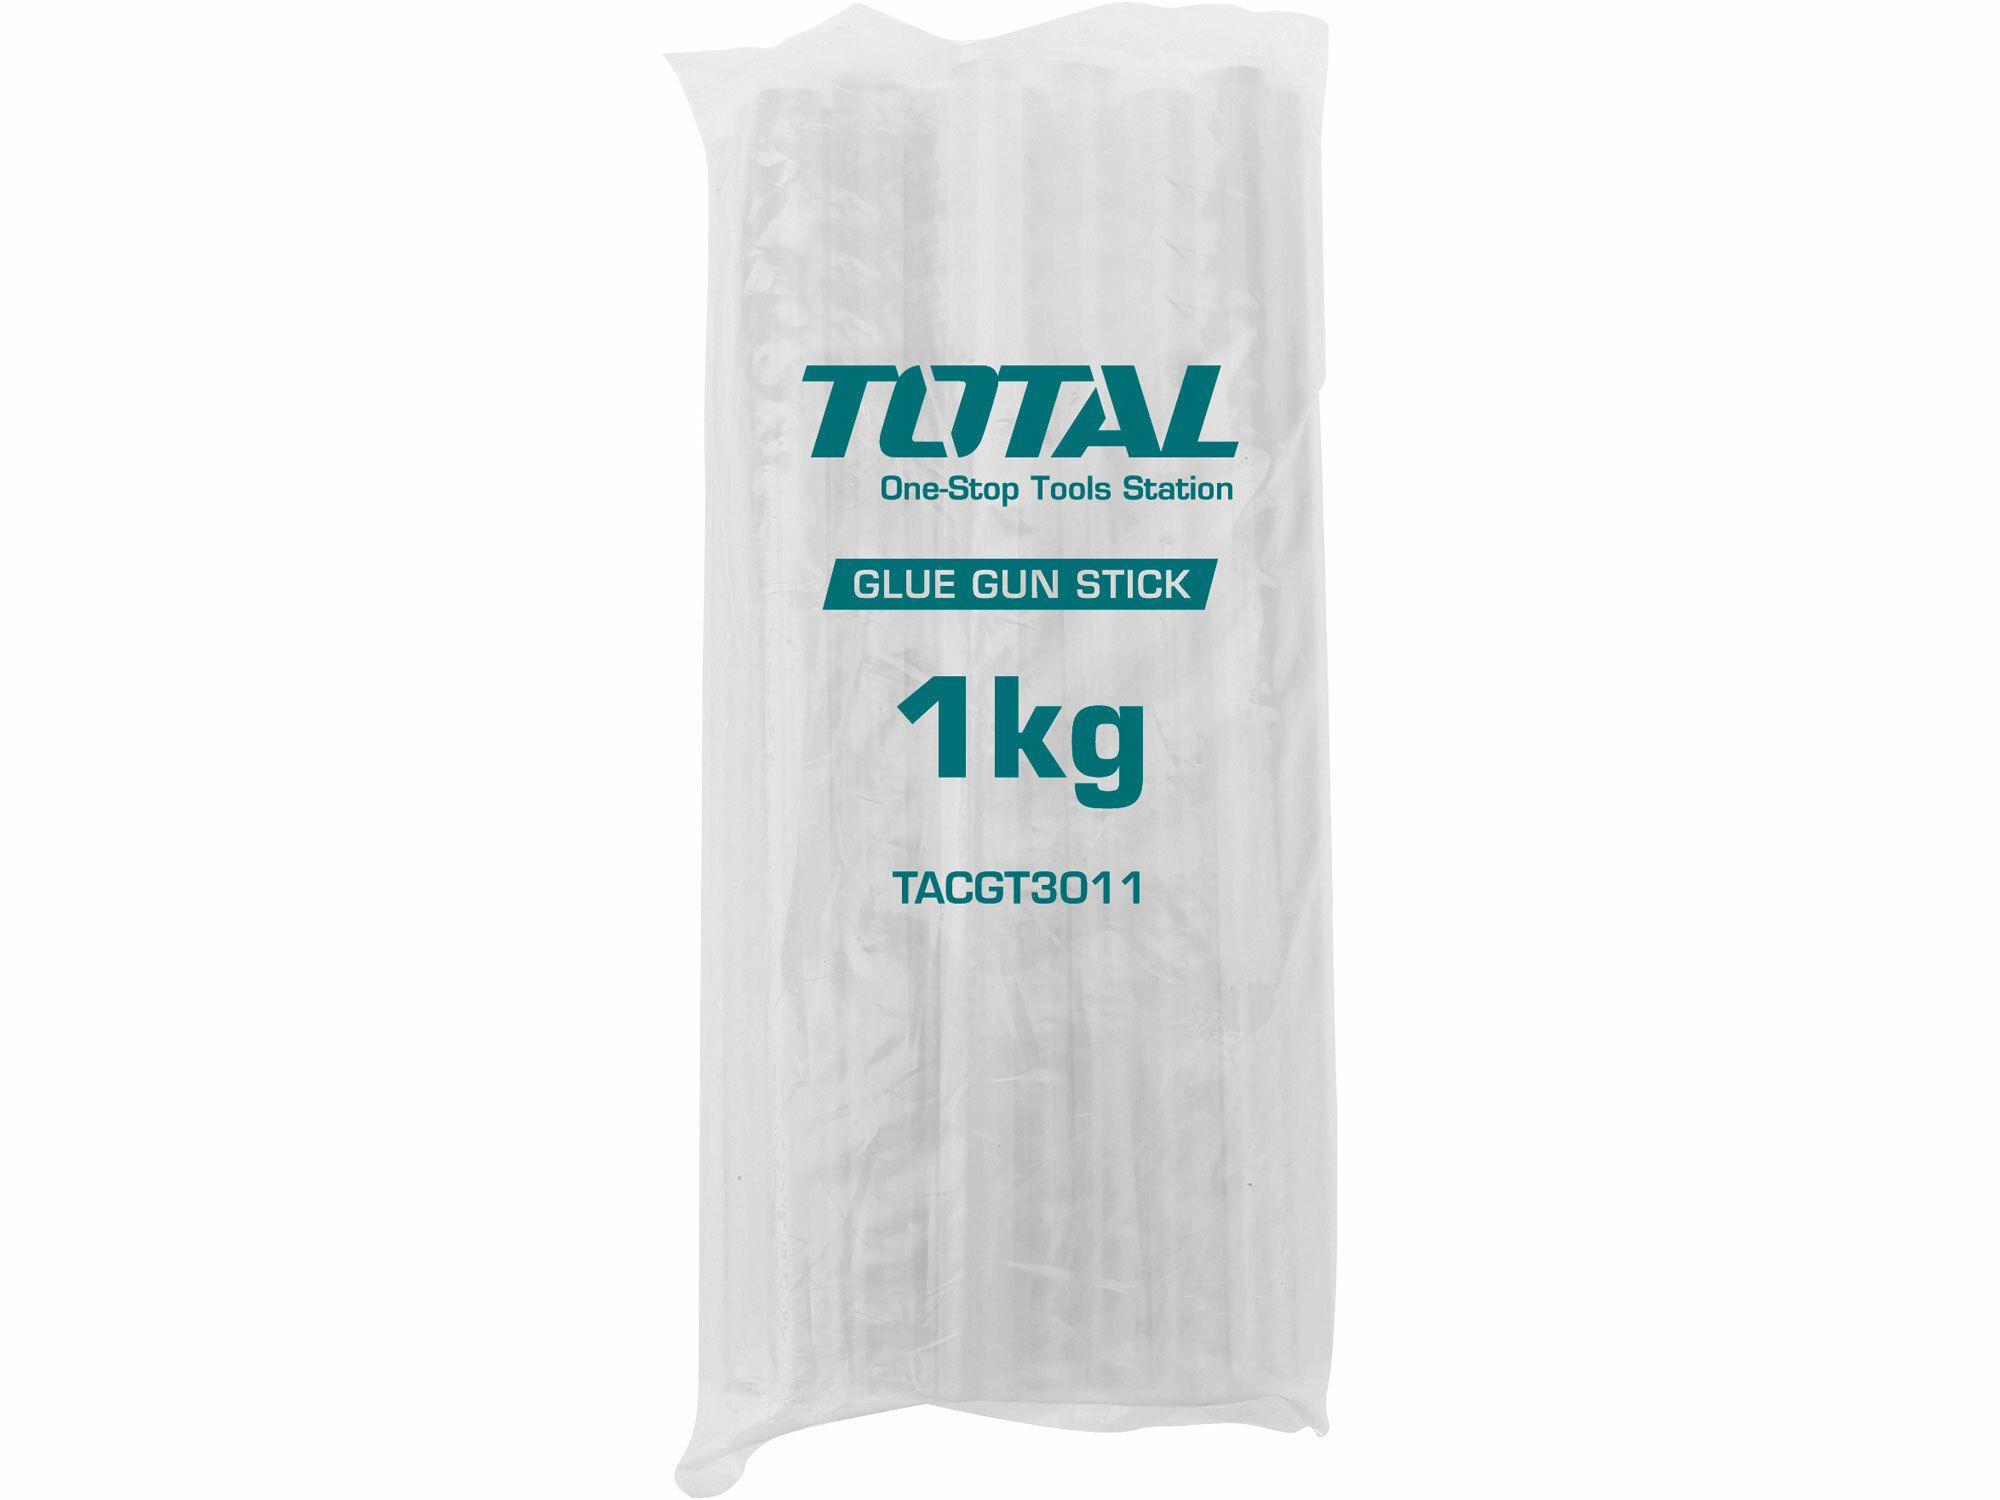 Tyčinky tavné transparentní, 1kg TOTAL-TOOLS